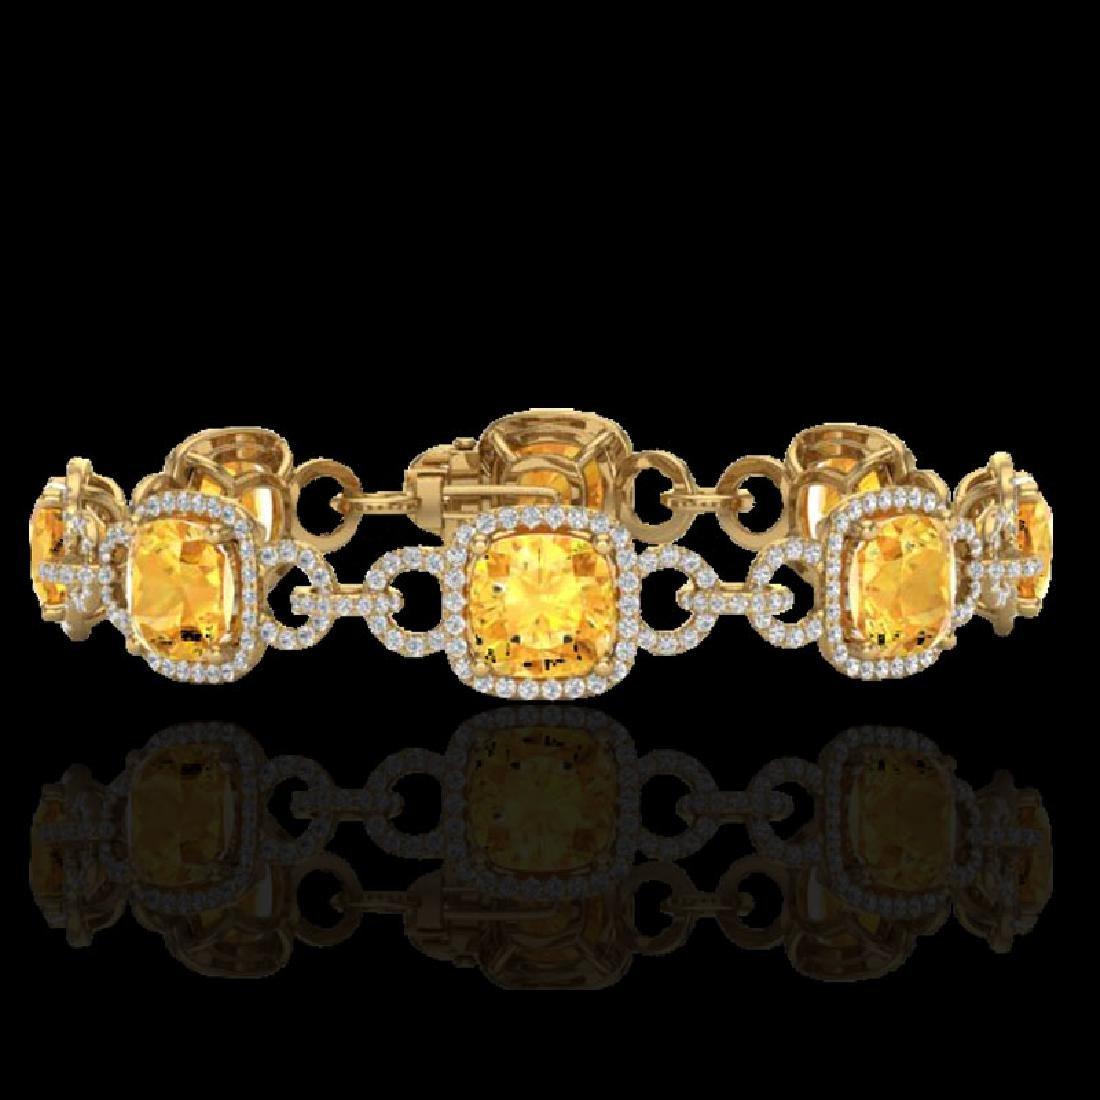 30 CTW Citrine & Micro VS/SI Diamond Bracelet 14K